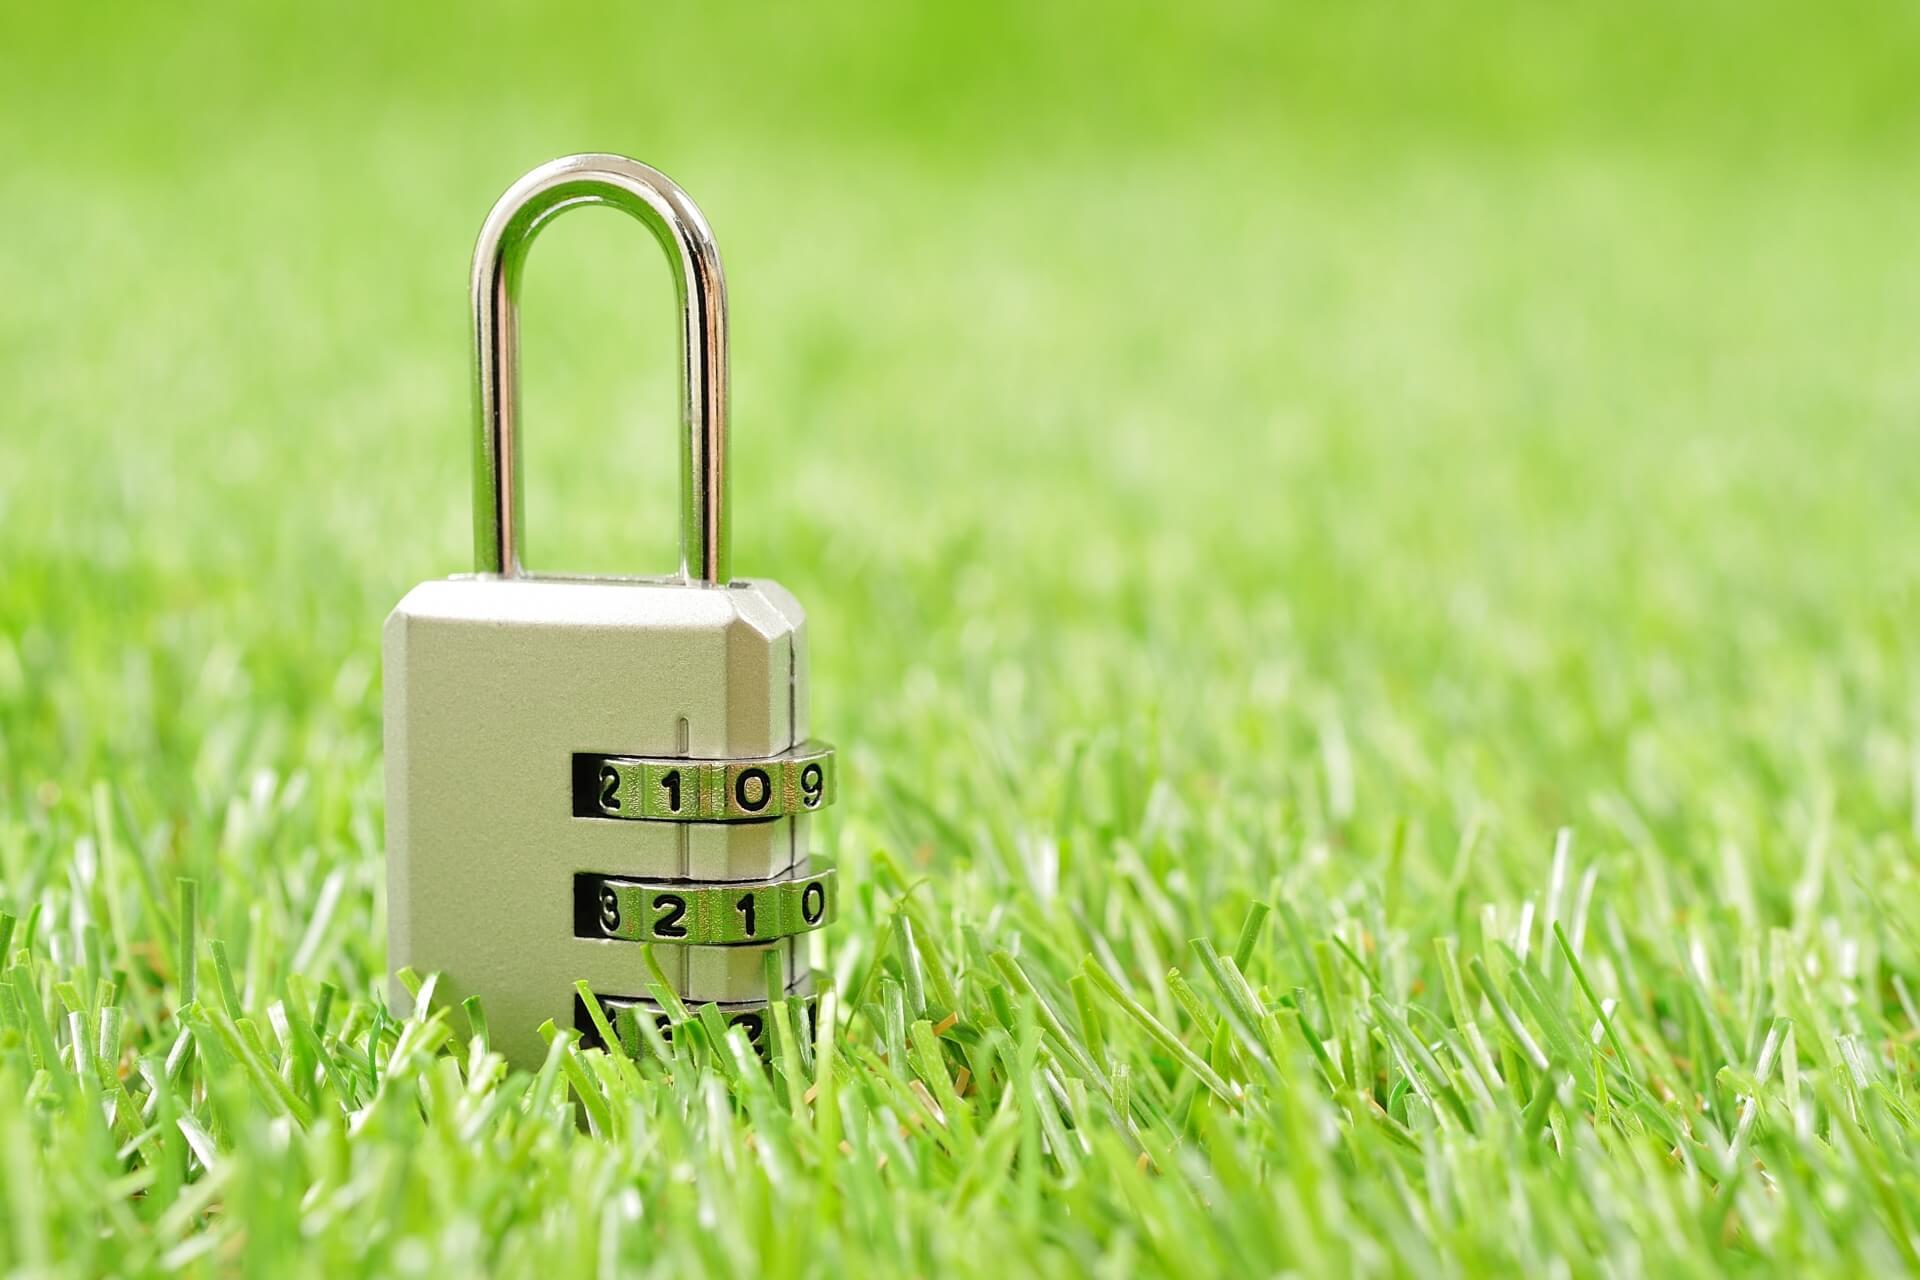 2.プライバシーの確保が難しい